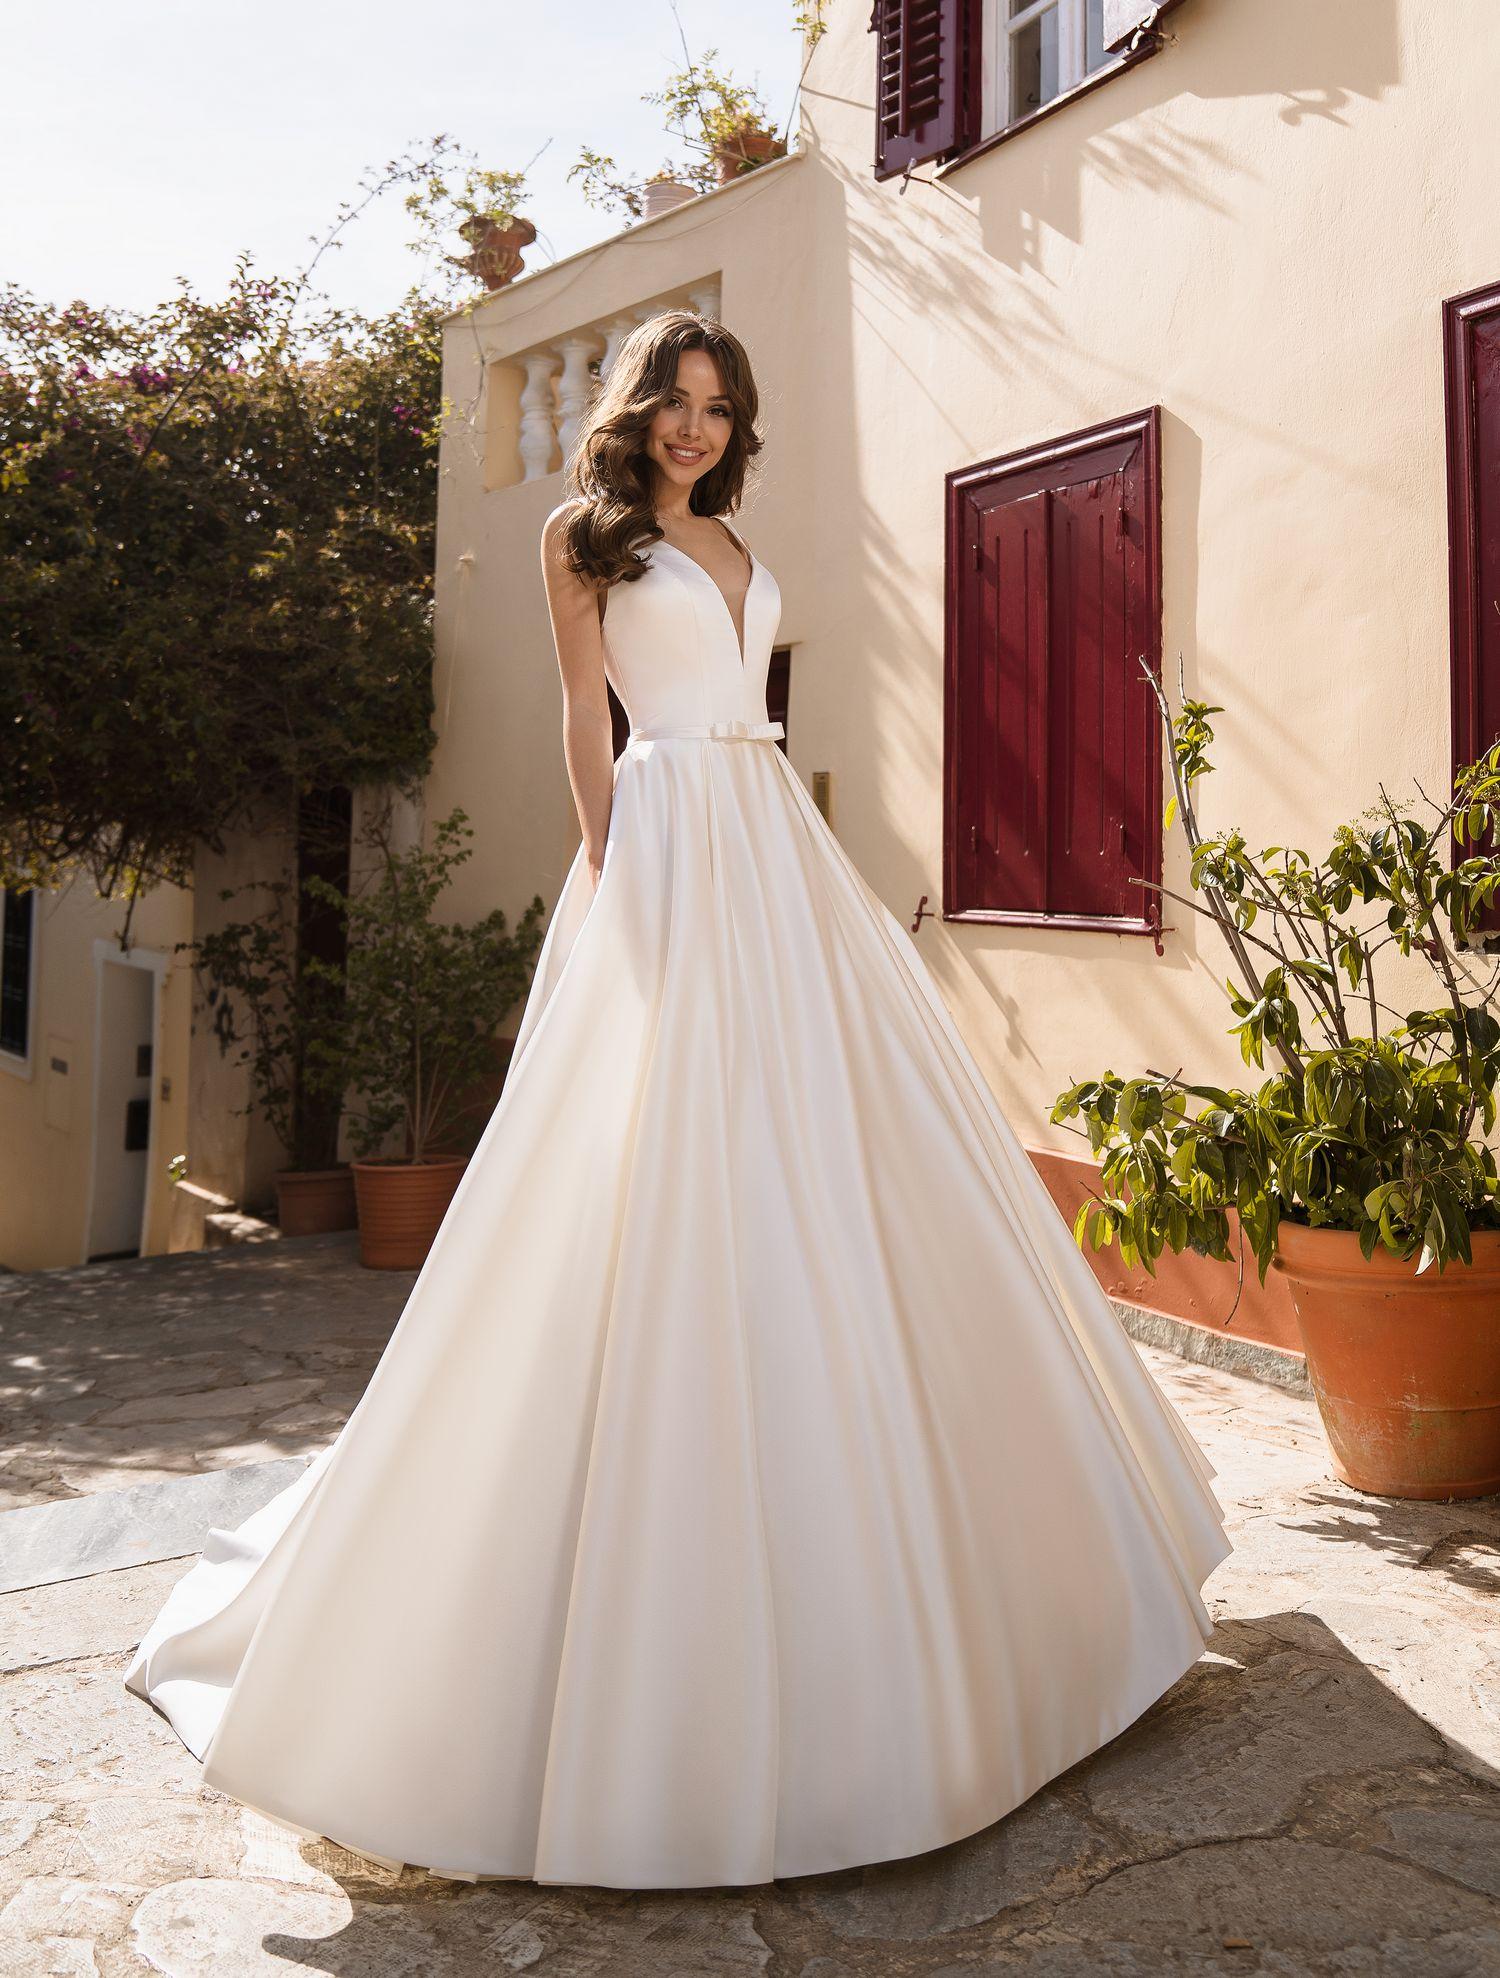 Весільна сукня із королівського атласу від виробника Supernova оптом-1